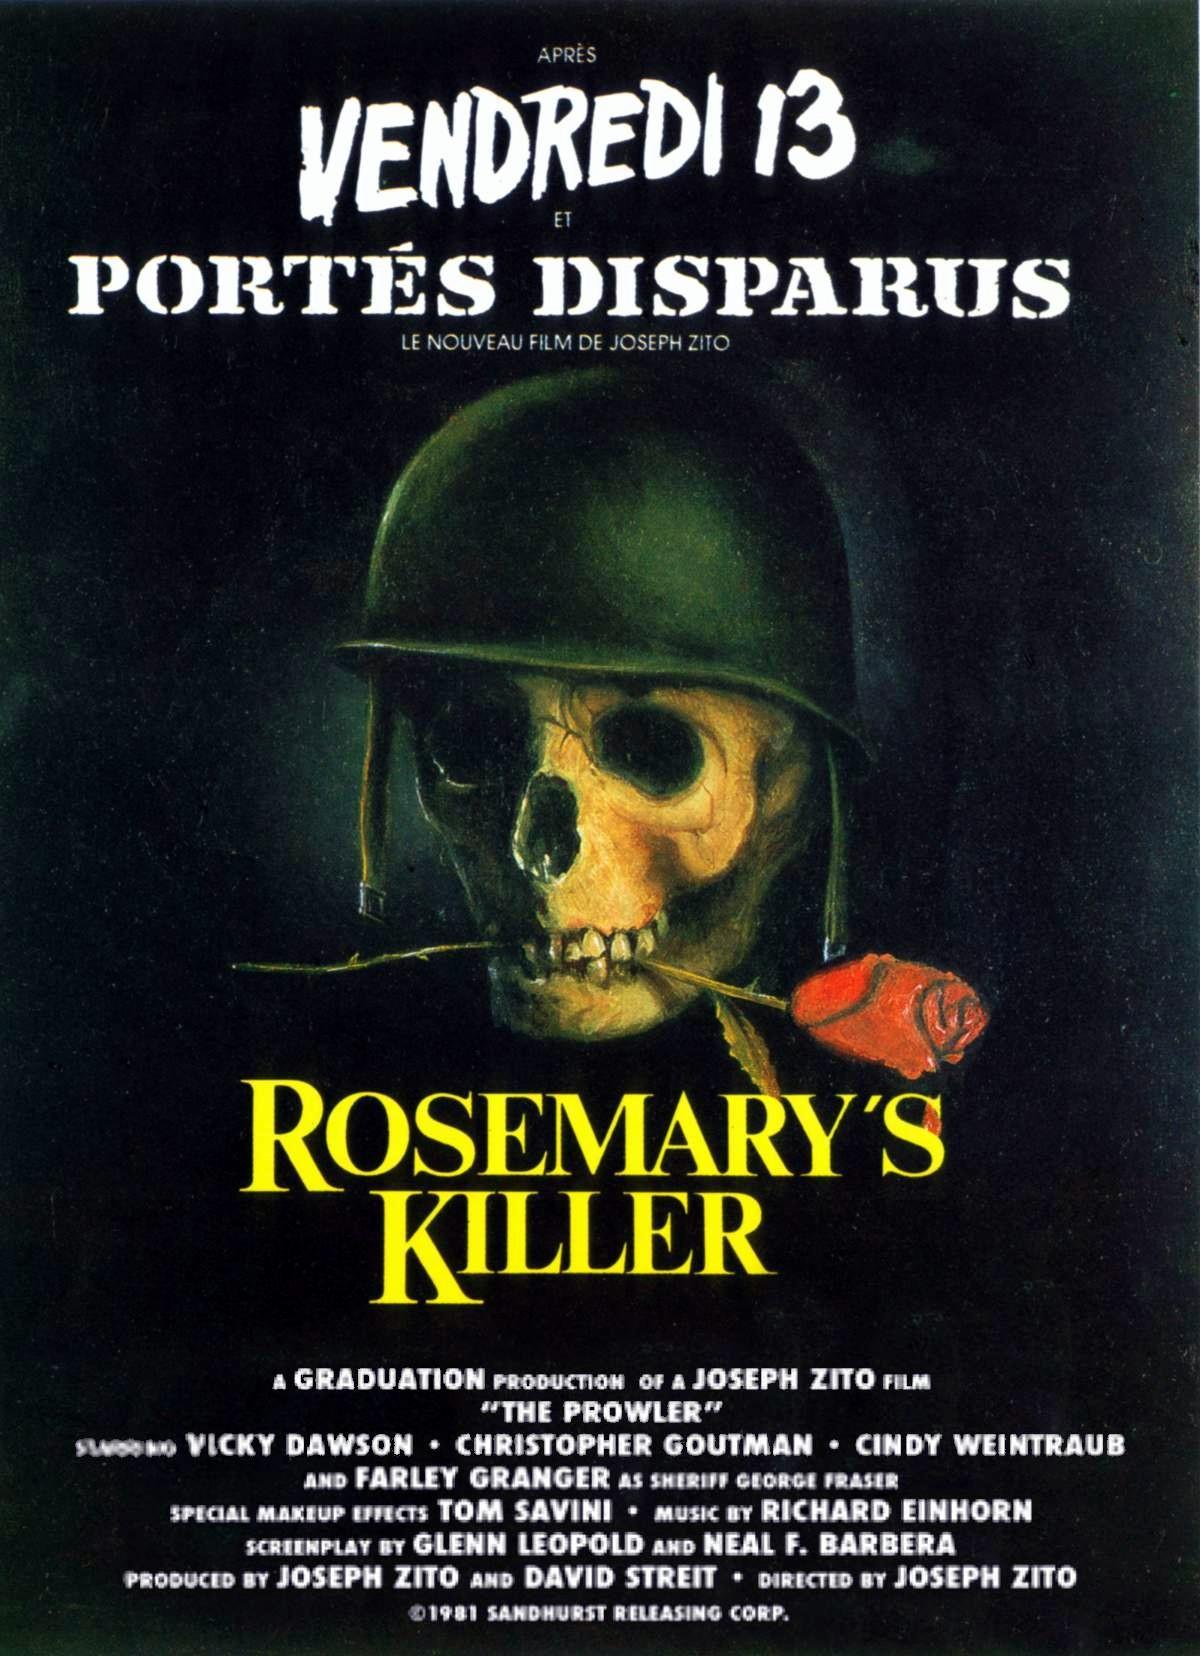 Rosemary's Killer (1981)